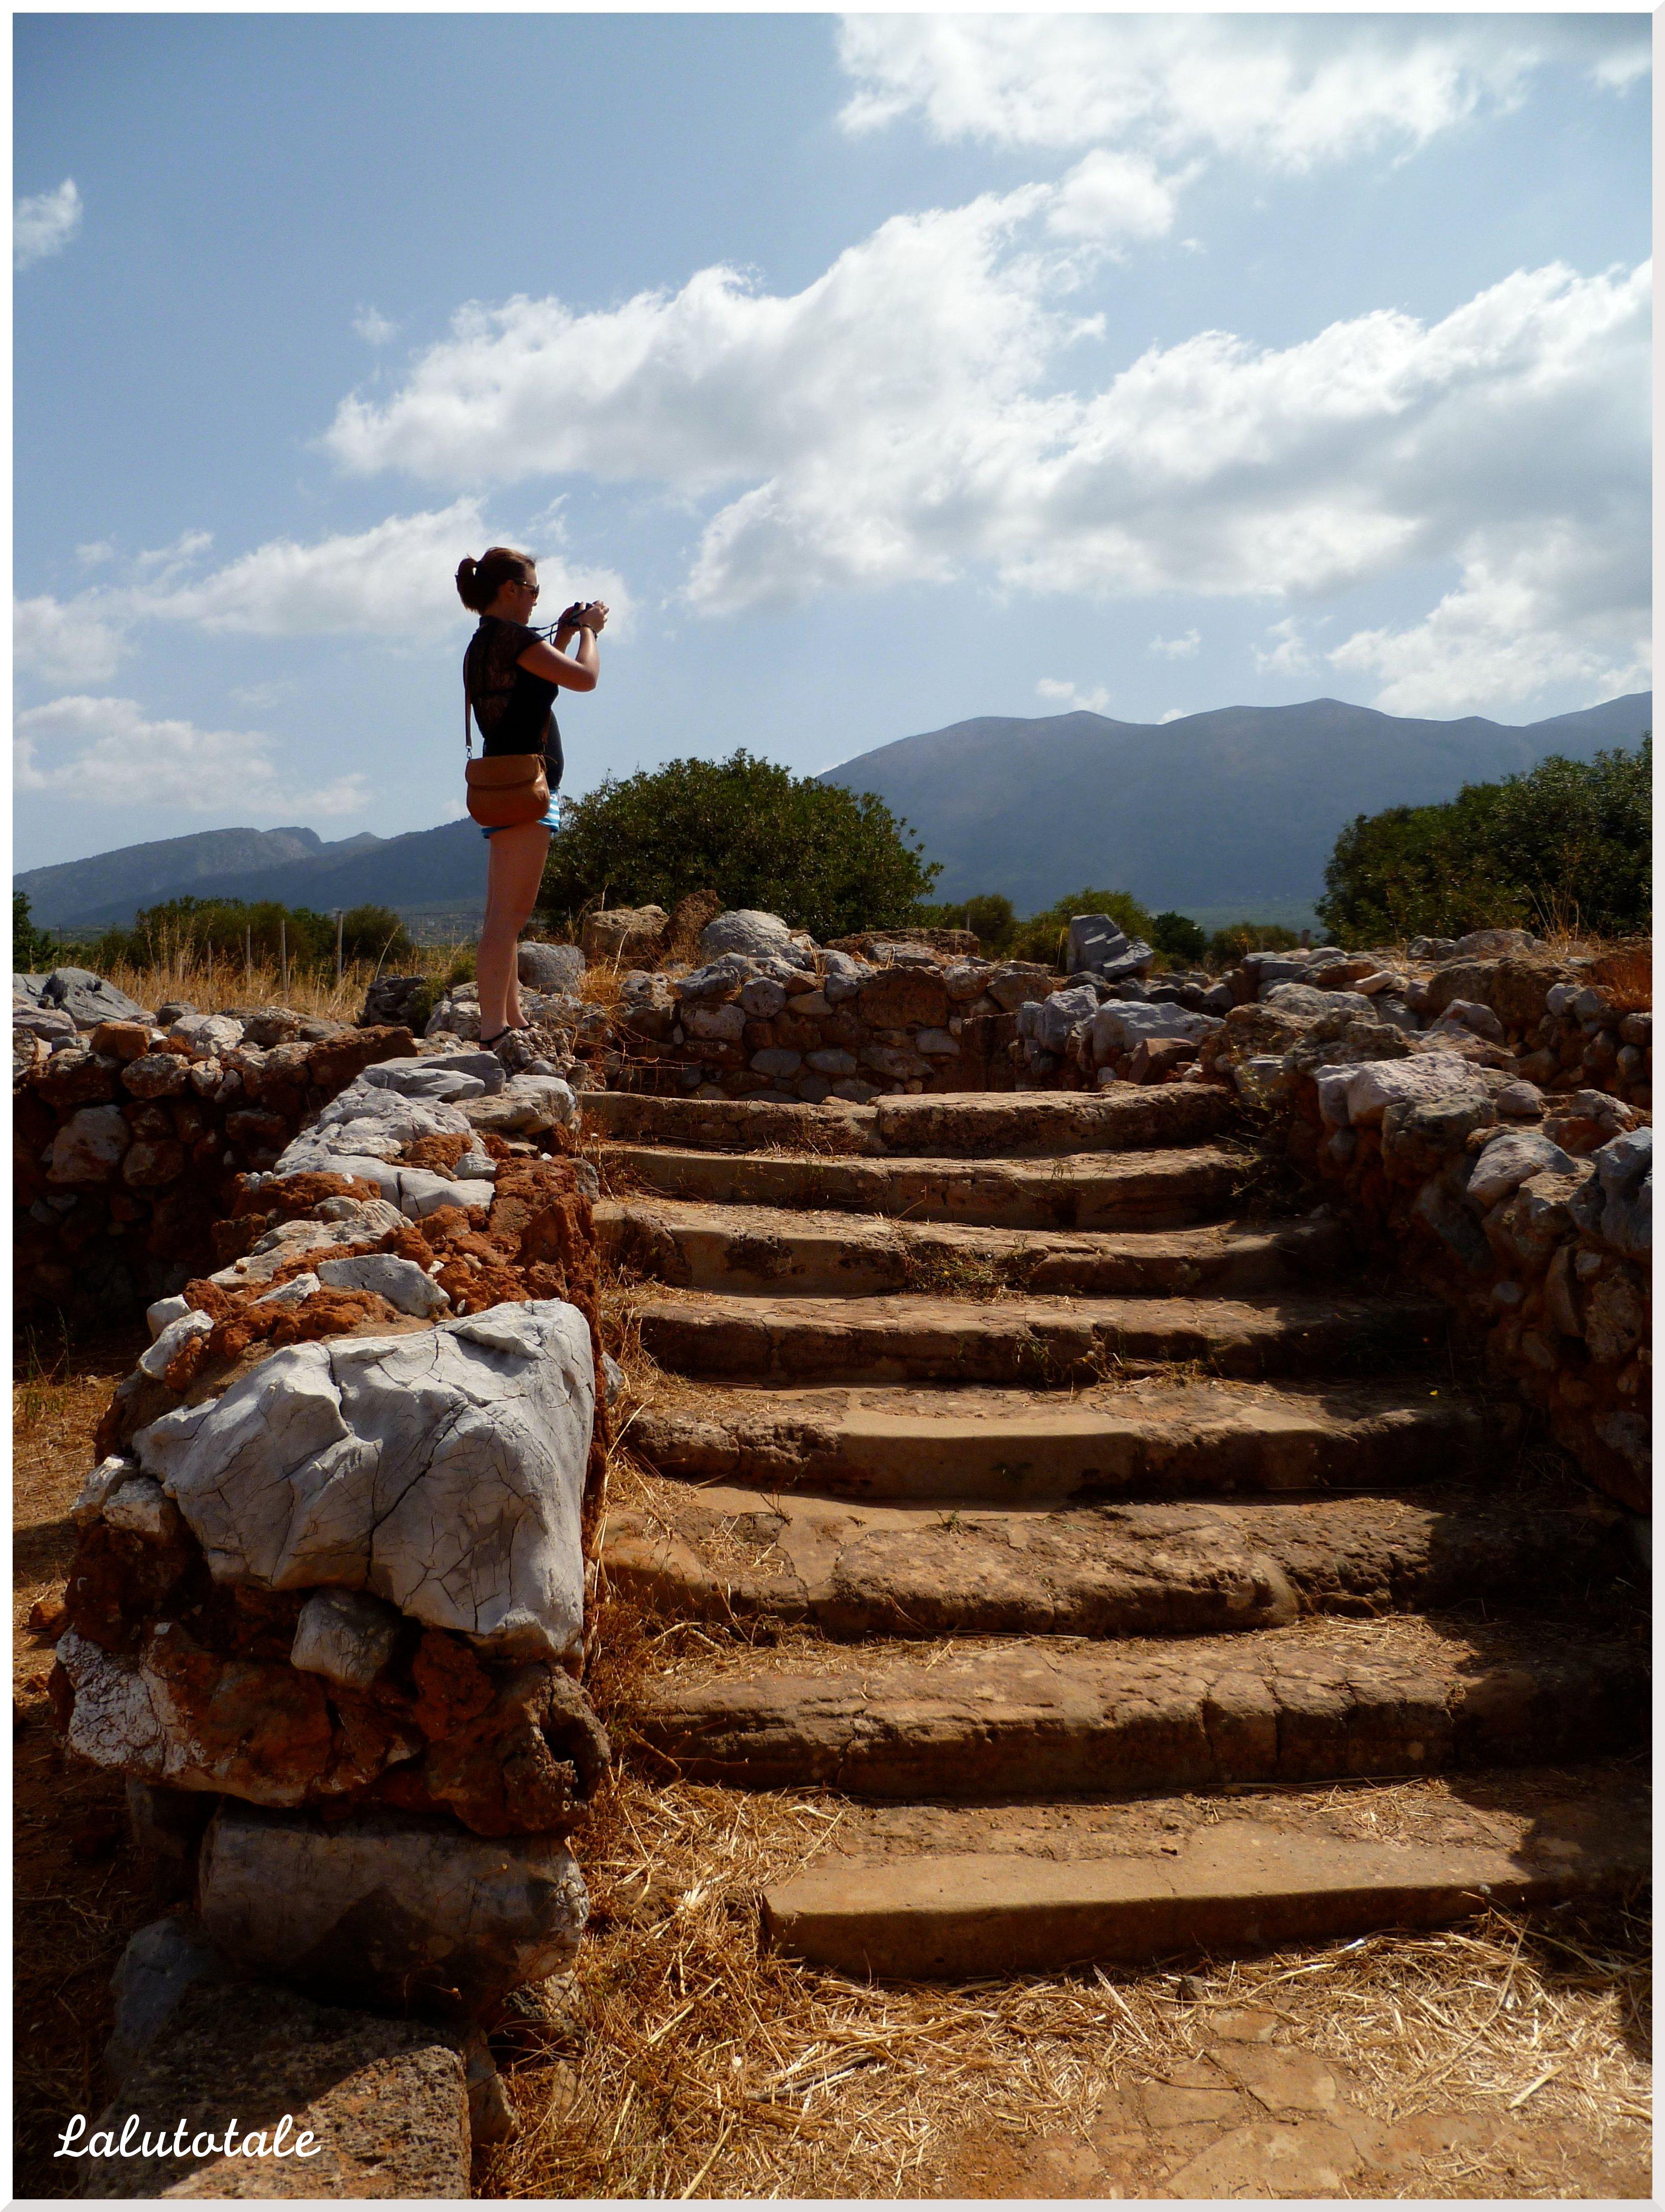 Creta2014 - 0569